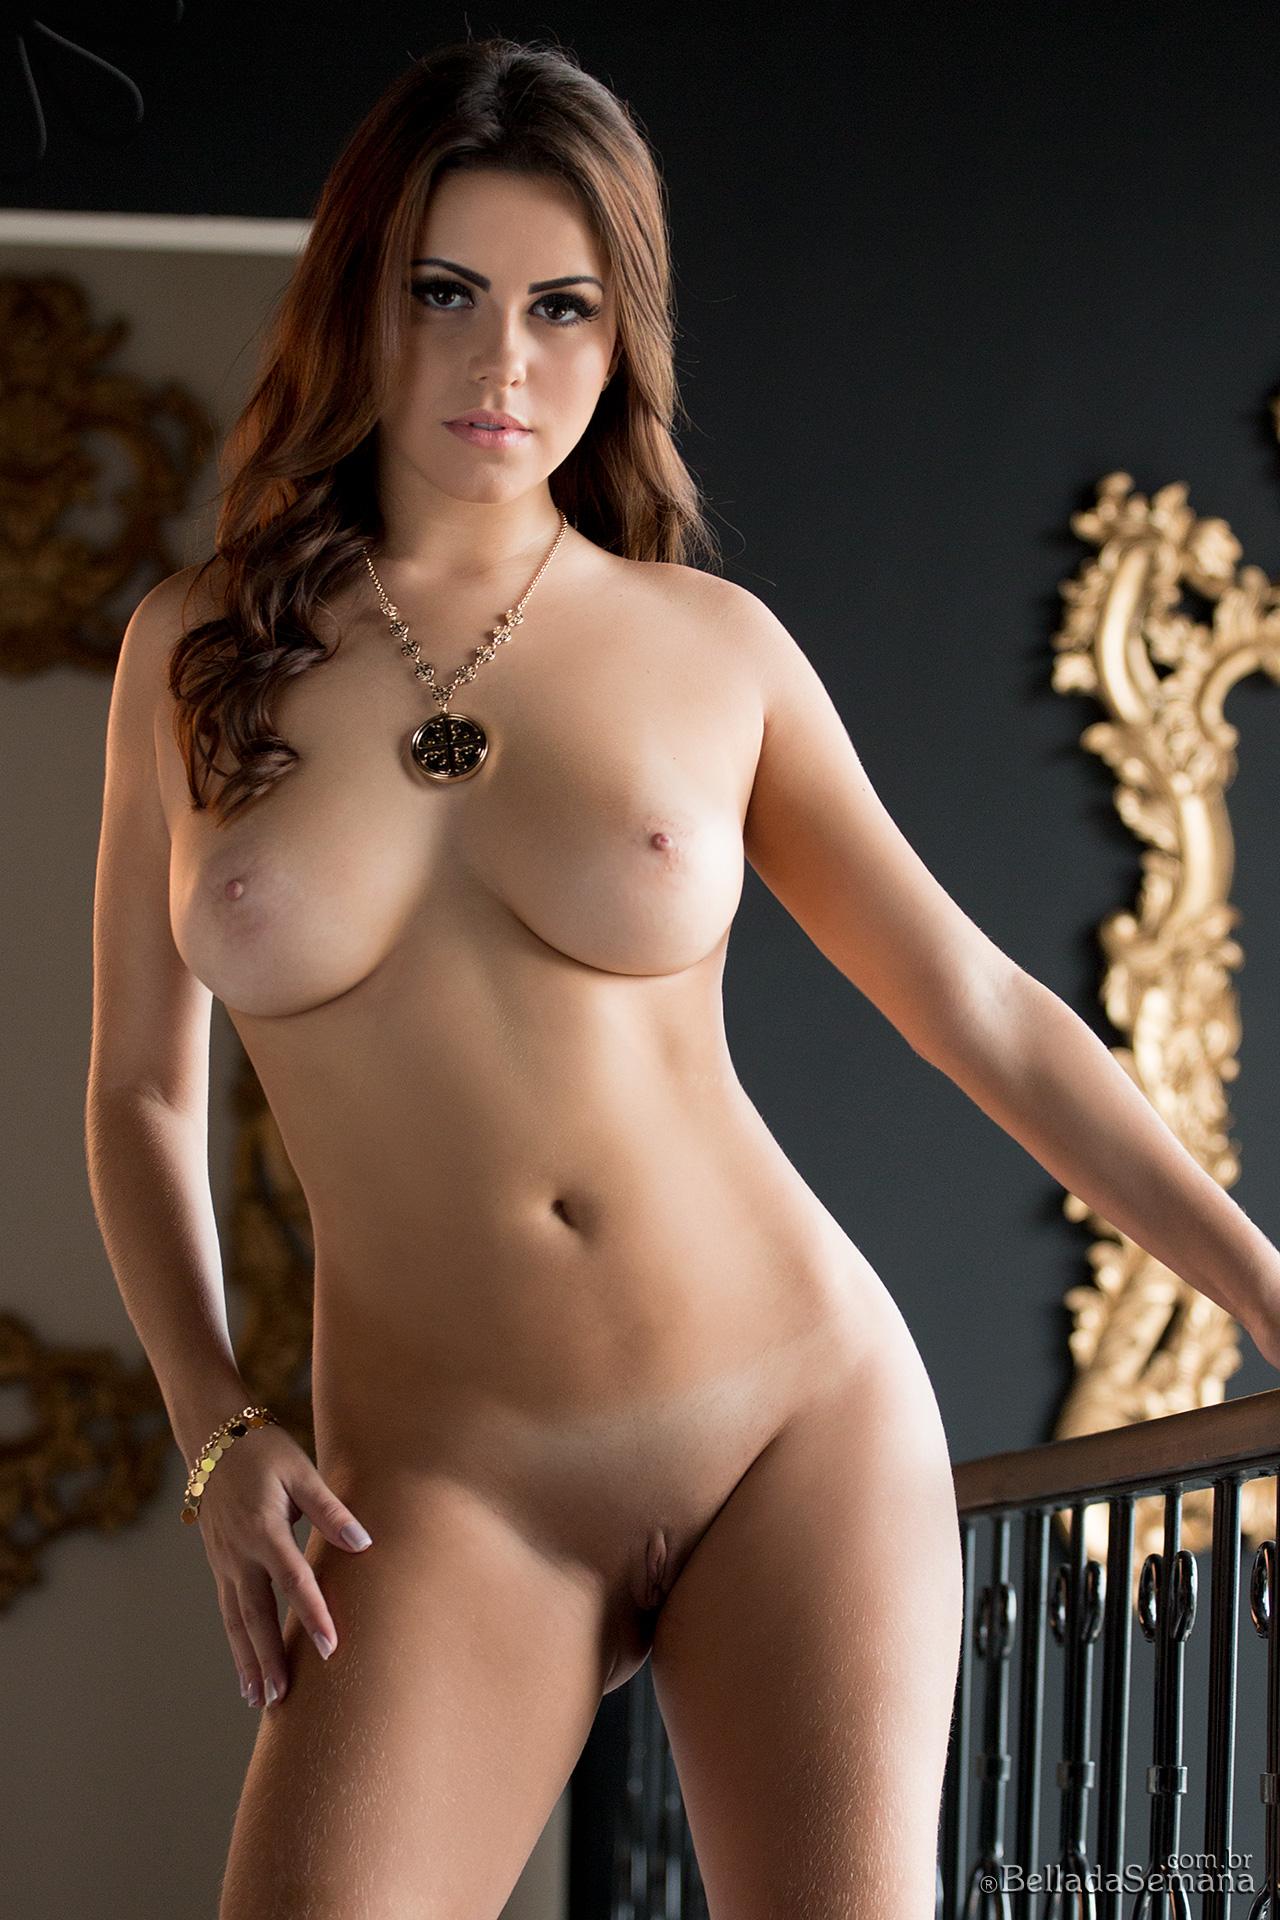 izabella-morales-red-corset-boobs-bellada-semana-11